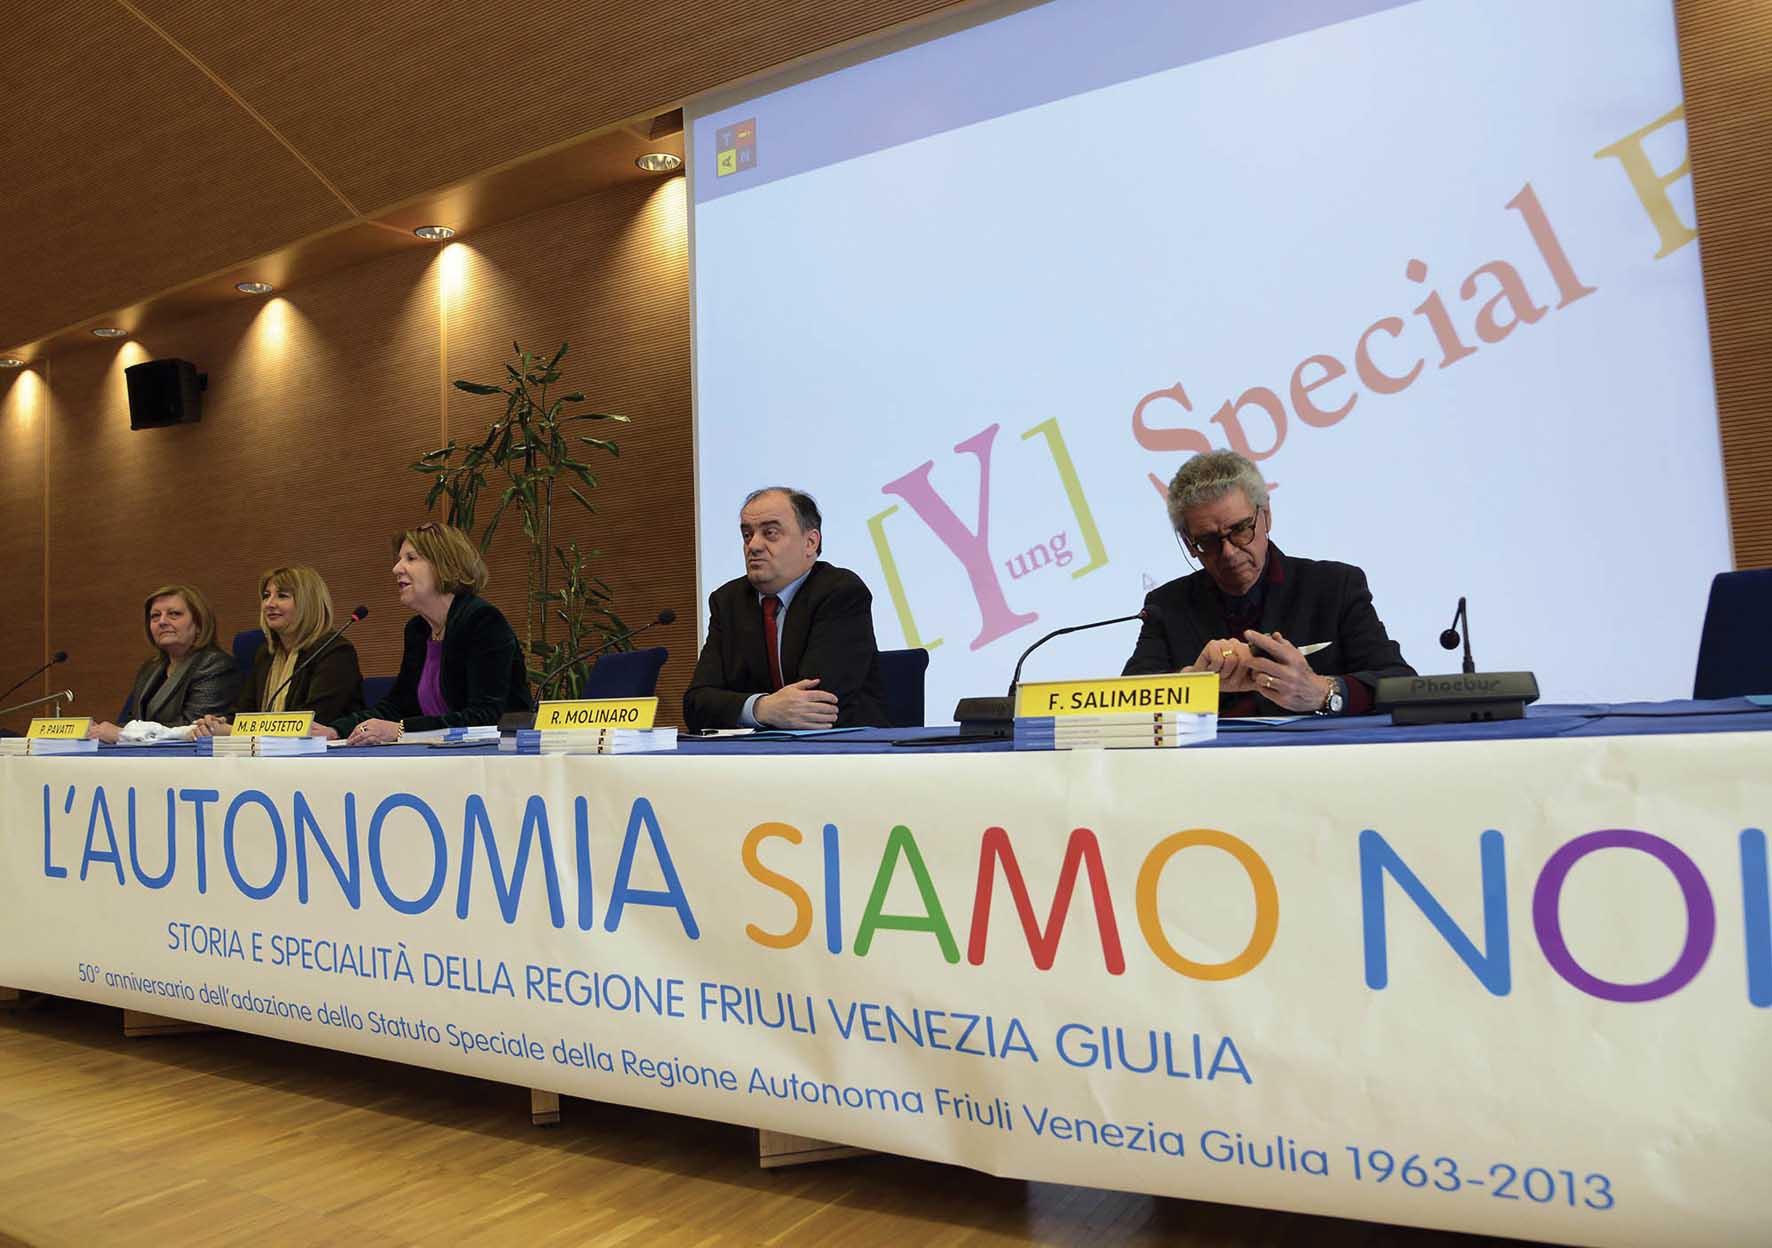 FVG autonomia siamo noi autrice Maria Bruna Pustetto Roberto Molinaro e altri 1